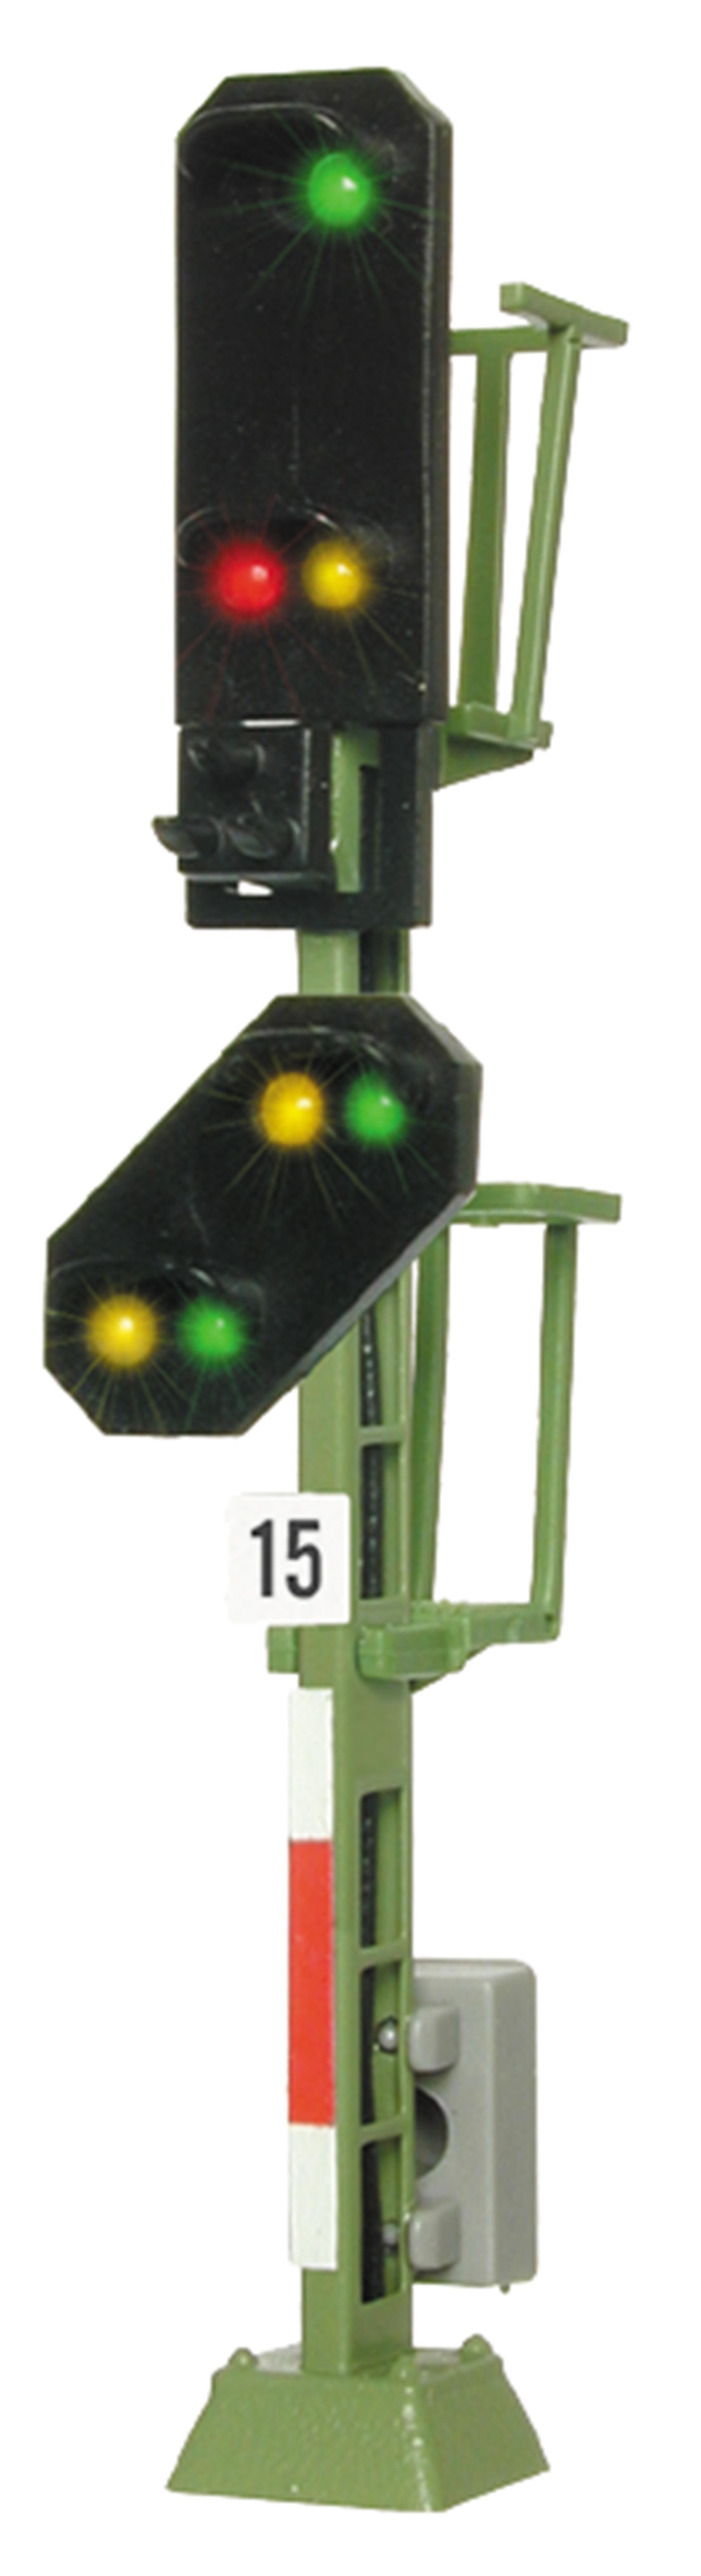 Viessmann 4915 <br/>Licht-Einfahrsignal mit Vor-Signal (DB 1969)